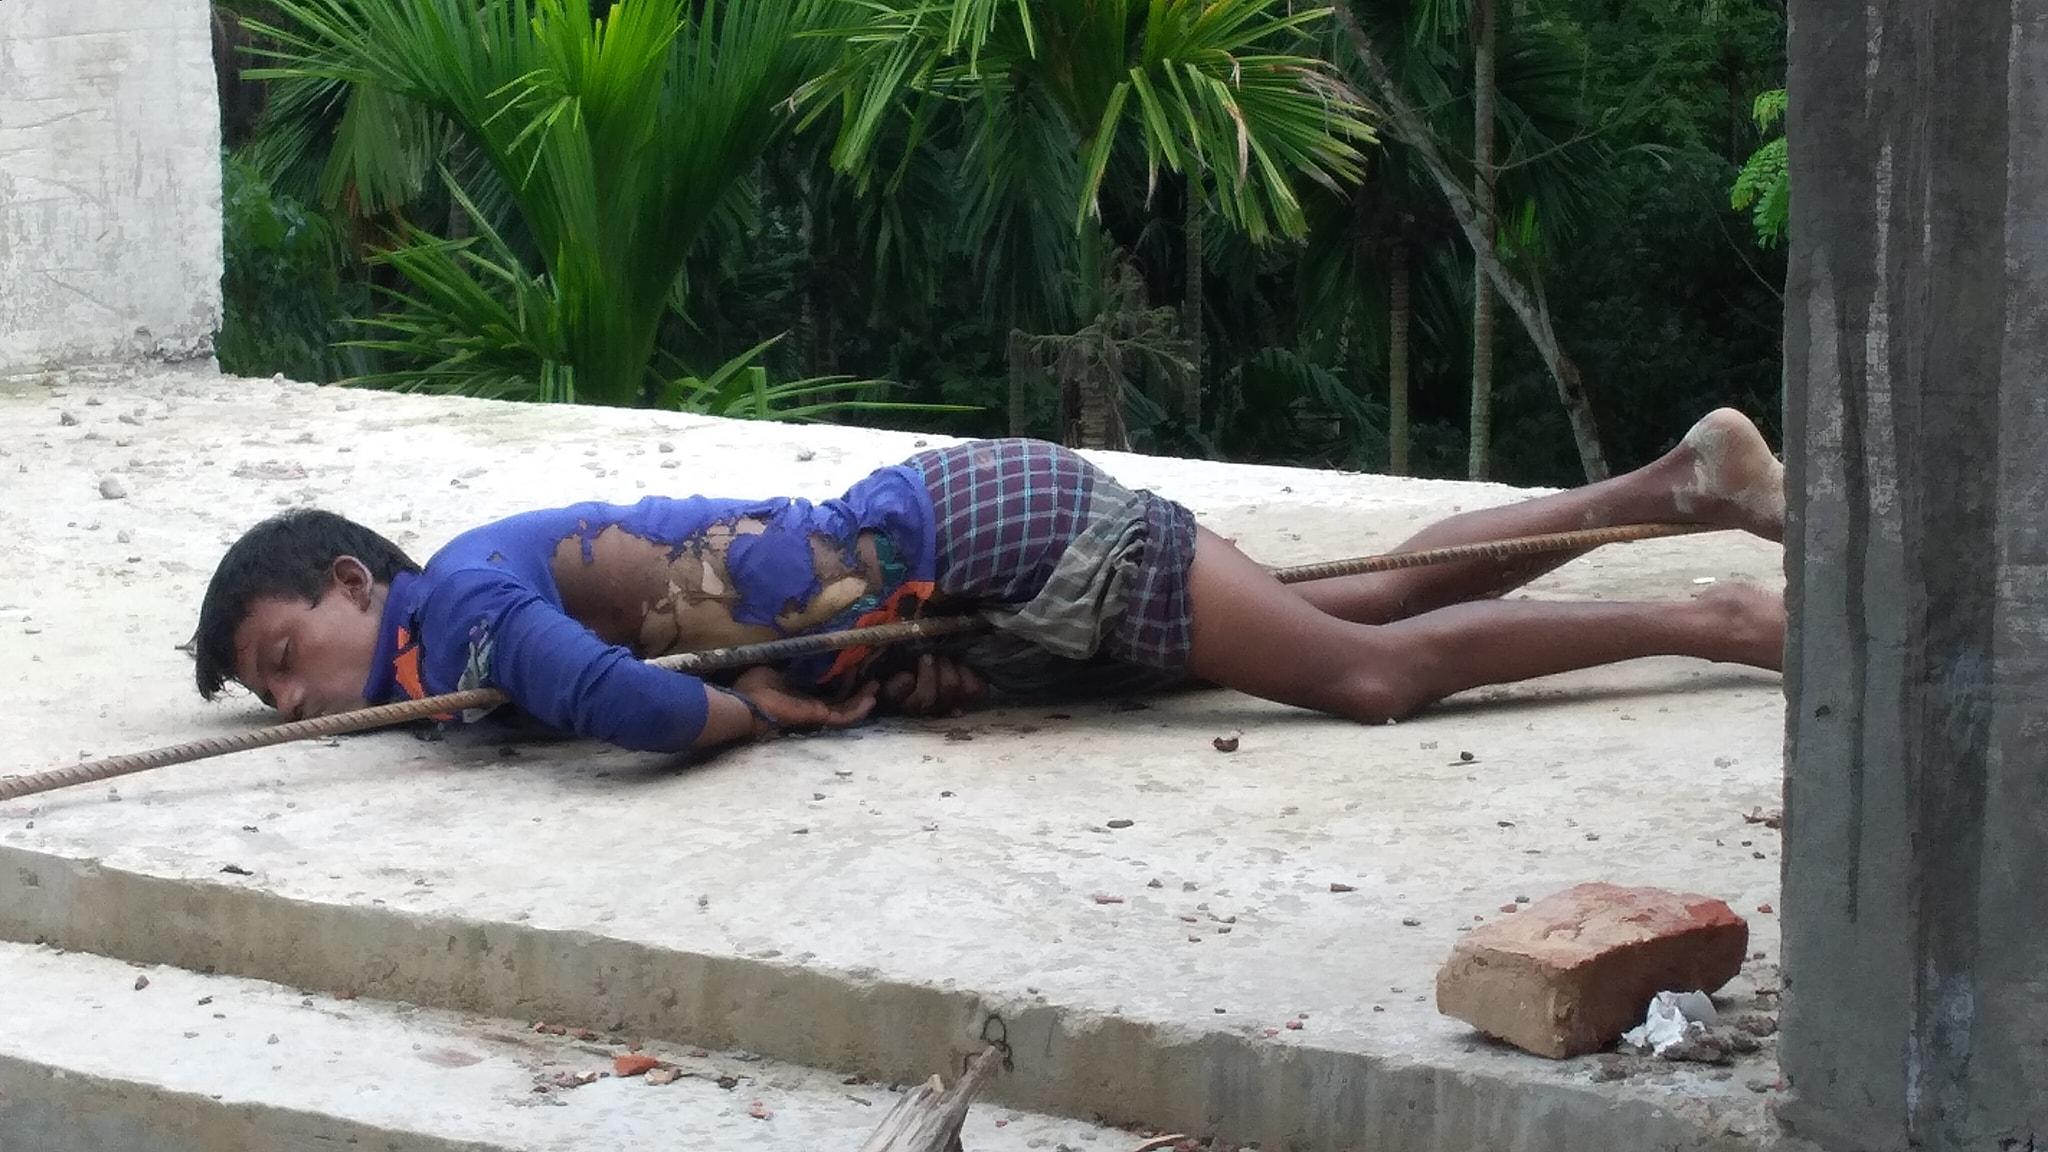 পিরোজপুরের কাউখালীতে বিদ্যুৎস্পৃষ্টে এক কিশোর নিহত।